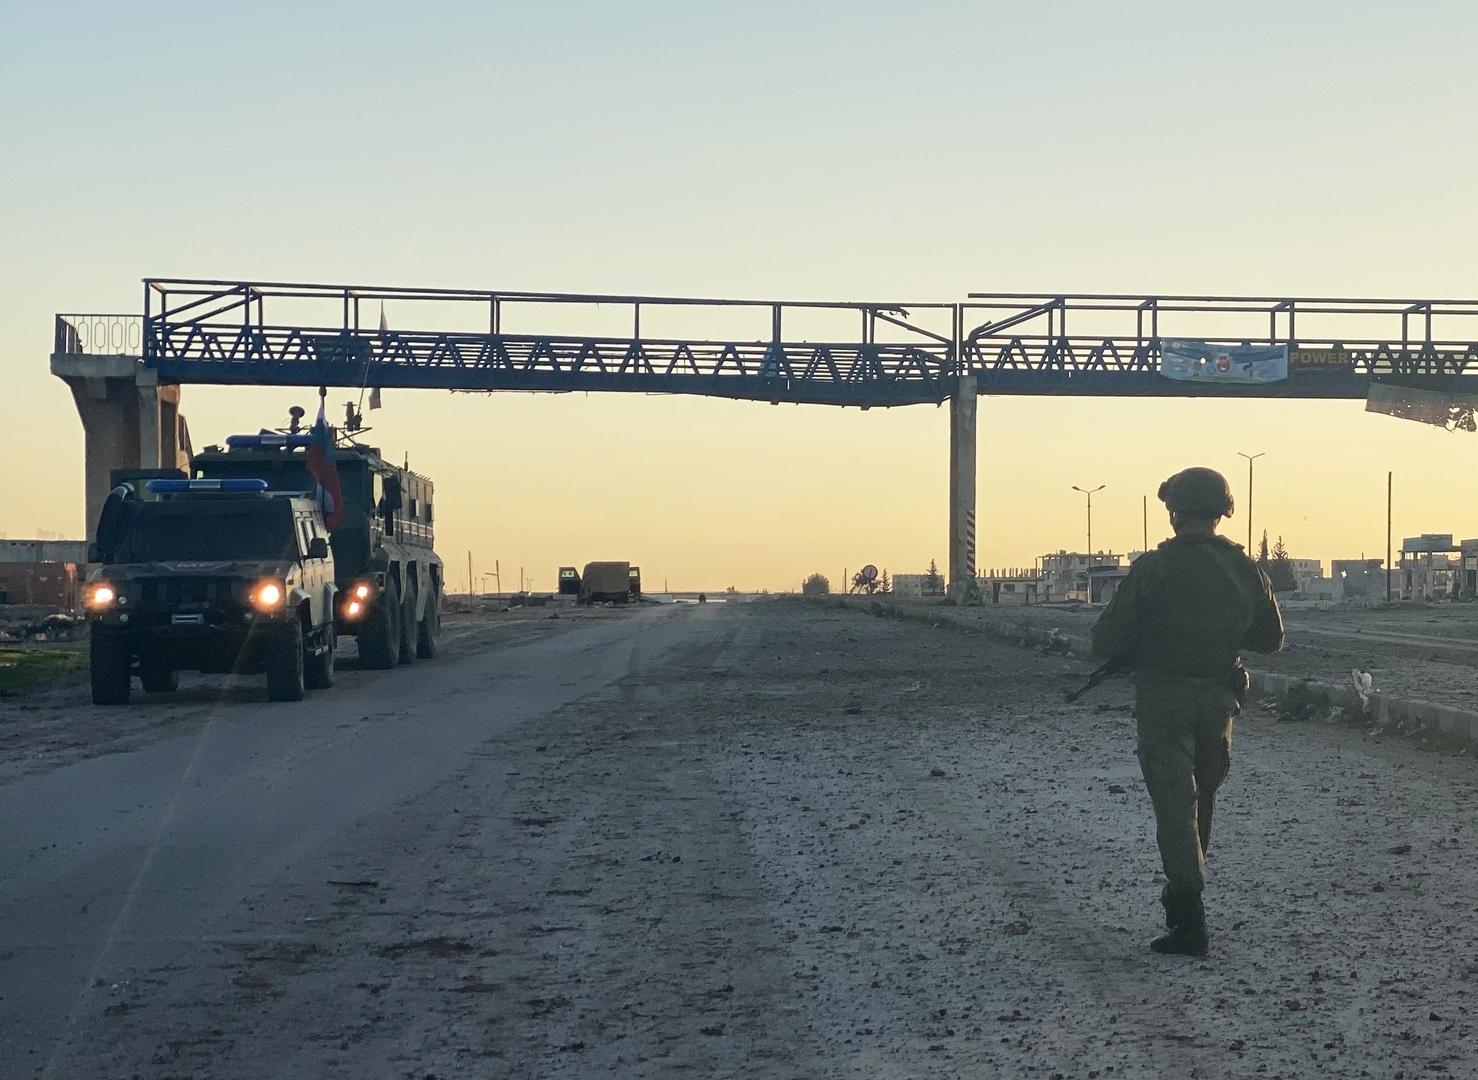 دورية للشرطة العسكرية الروسية في ريف إدلب